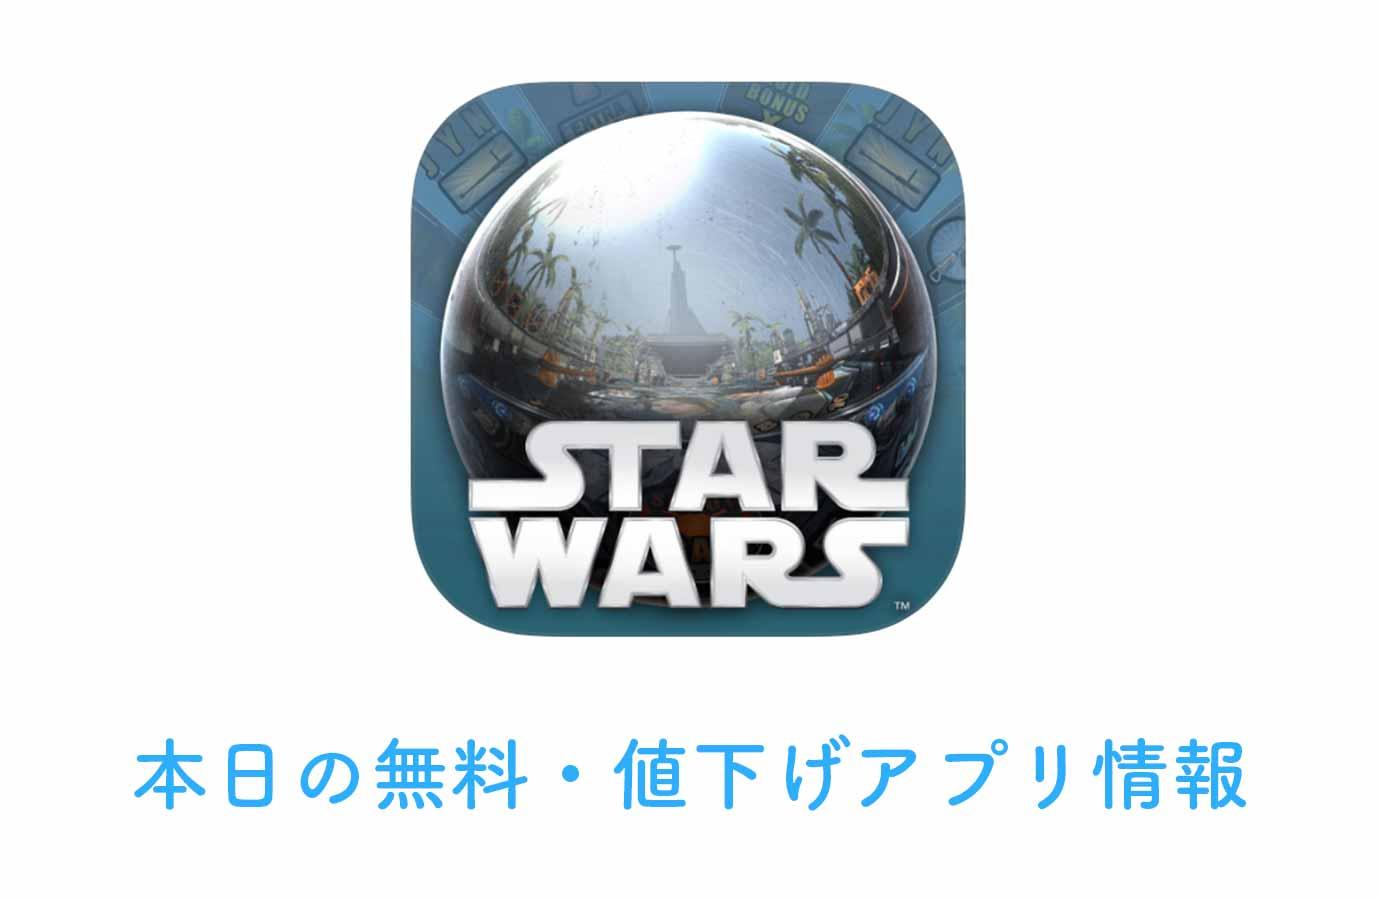 240円→無料、Star Warsをテーマにしたピンボール「Star Wars Pinball 4」など【5/2】本日の無料・値下げアプリ情報